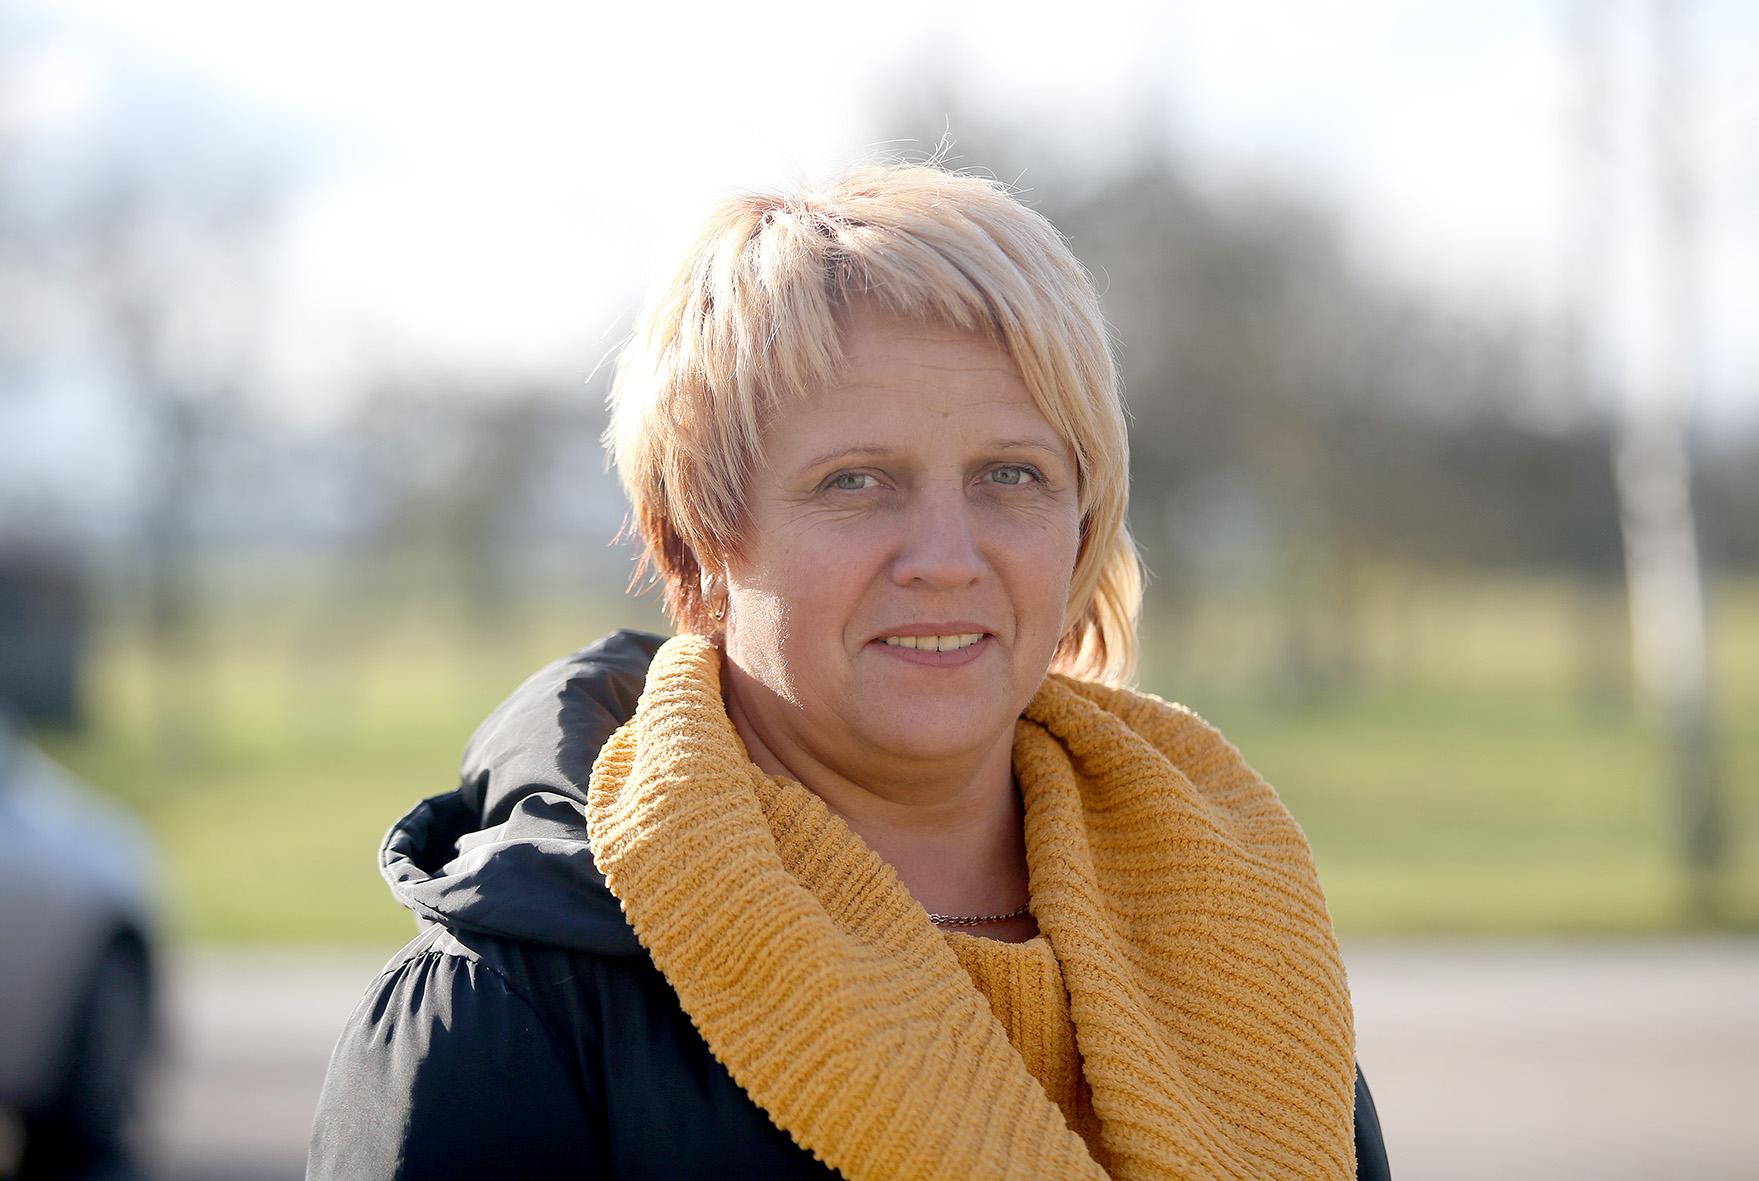 Miegėnų bendruomenės pirmininkės pareigas einanti Vijolė Juknienė džiaugiasi jaukiomis bendruomenės centro patalpomis. / A. Barzdžiaus nuotr.